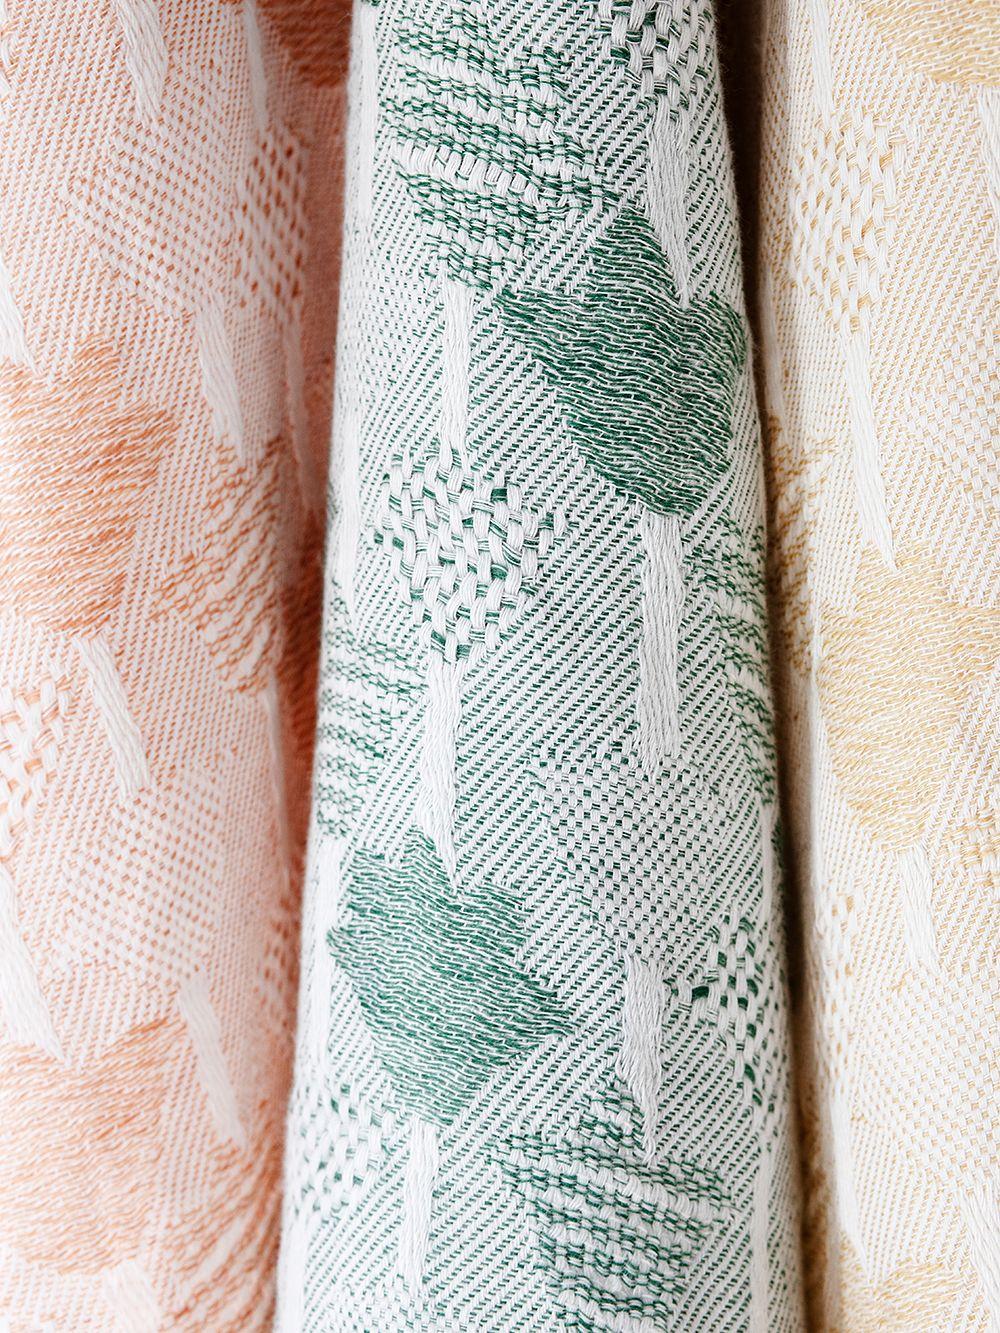 Tulppaani tea towels by Lapuan Kankurit